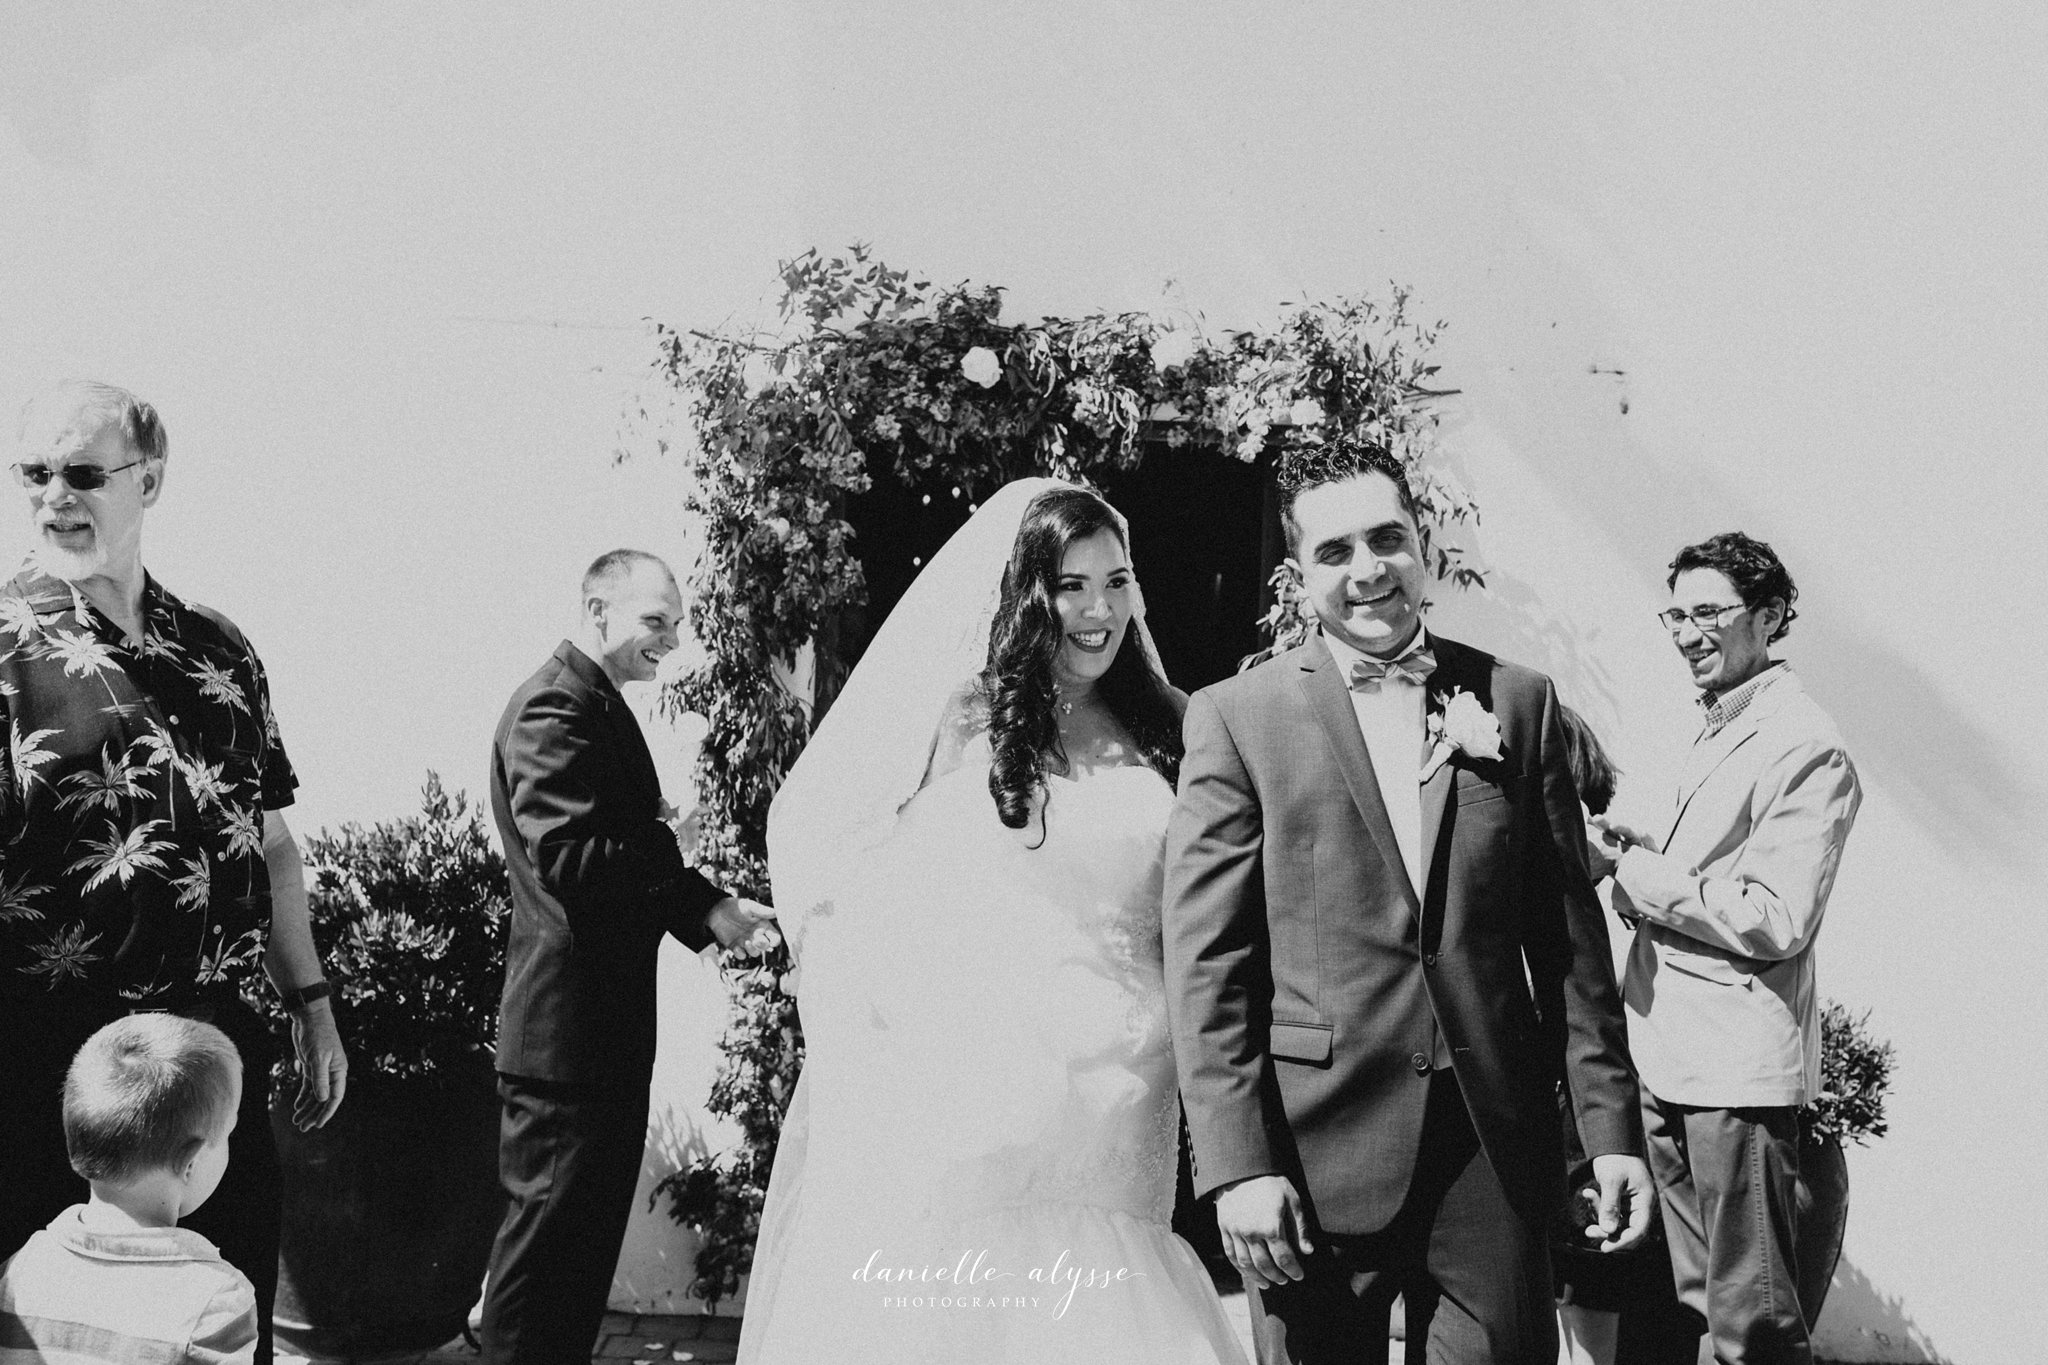 180630_wedding_lily_ryan_mission_soledad_california_danielle_alysse_photography_blog_564_WEB.jpg